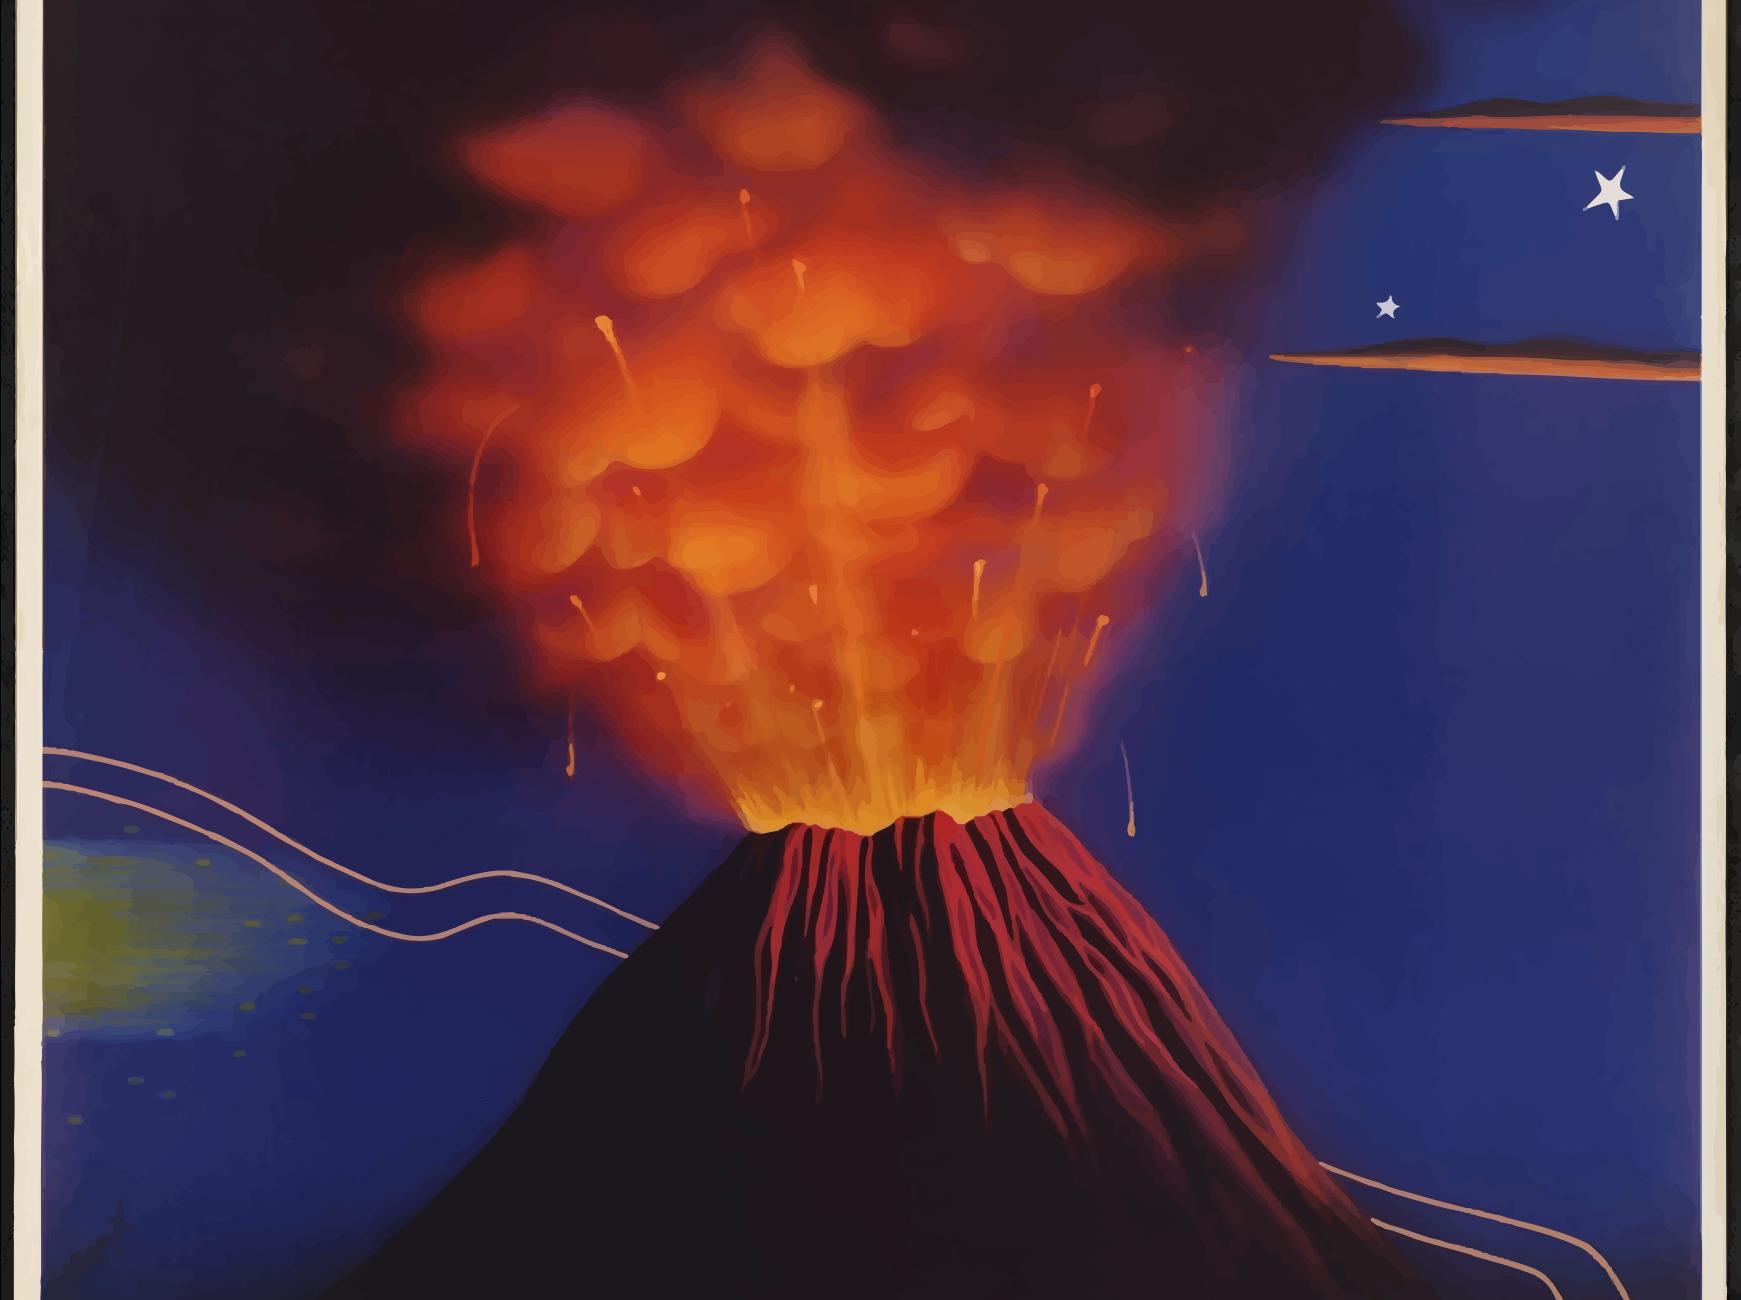 Violent Earth - Vesuvius Volcano Resources Free